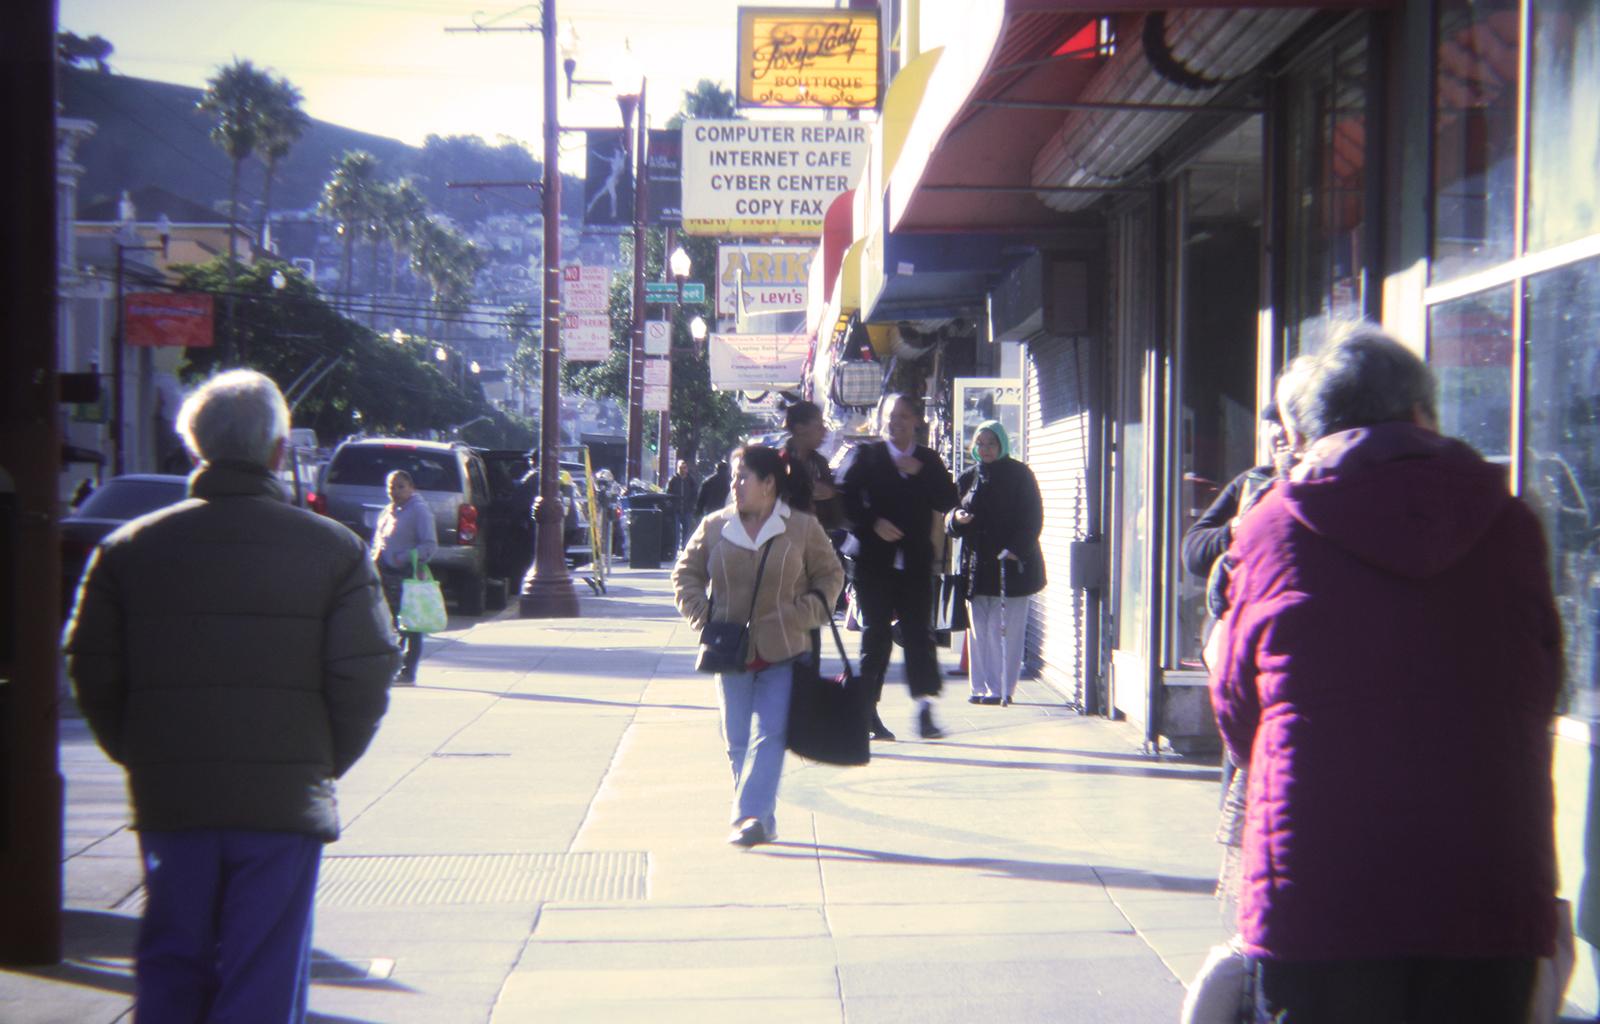 SNAP: Sidewalk